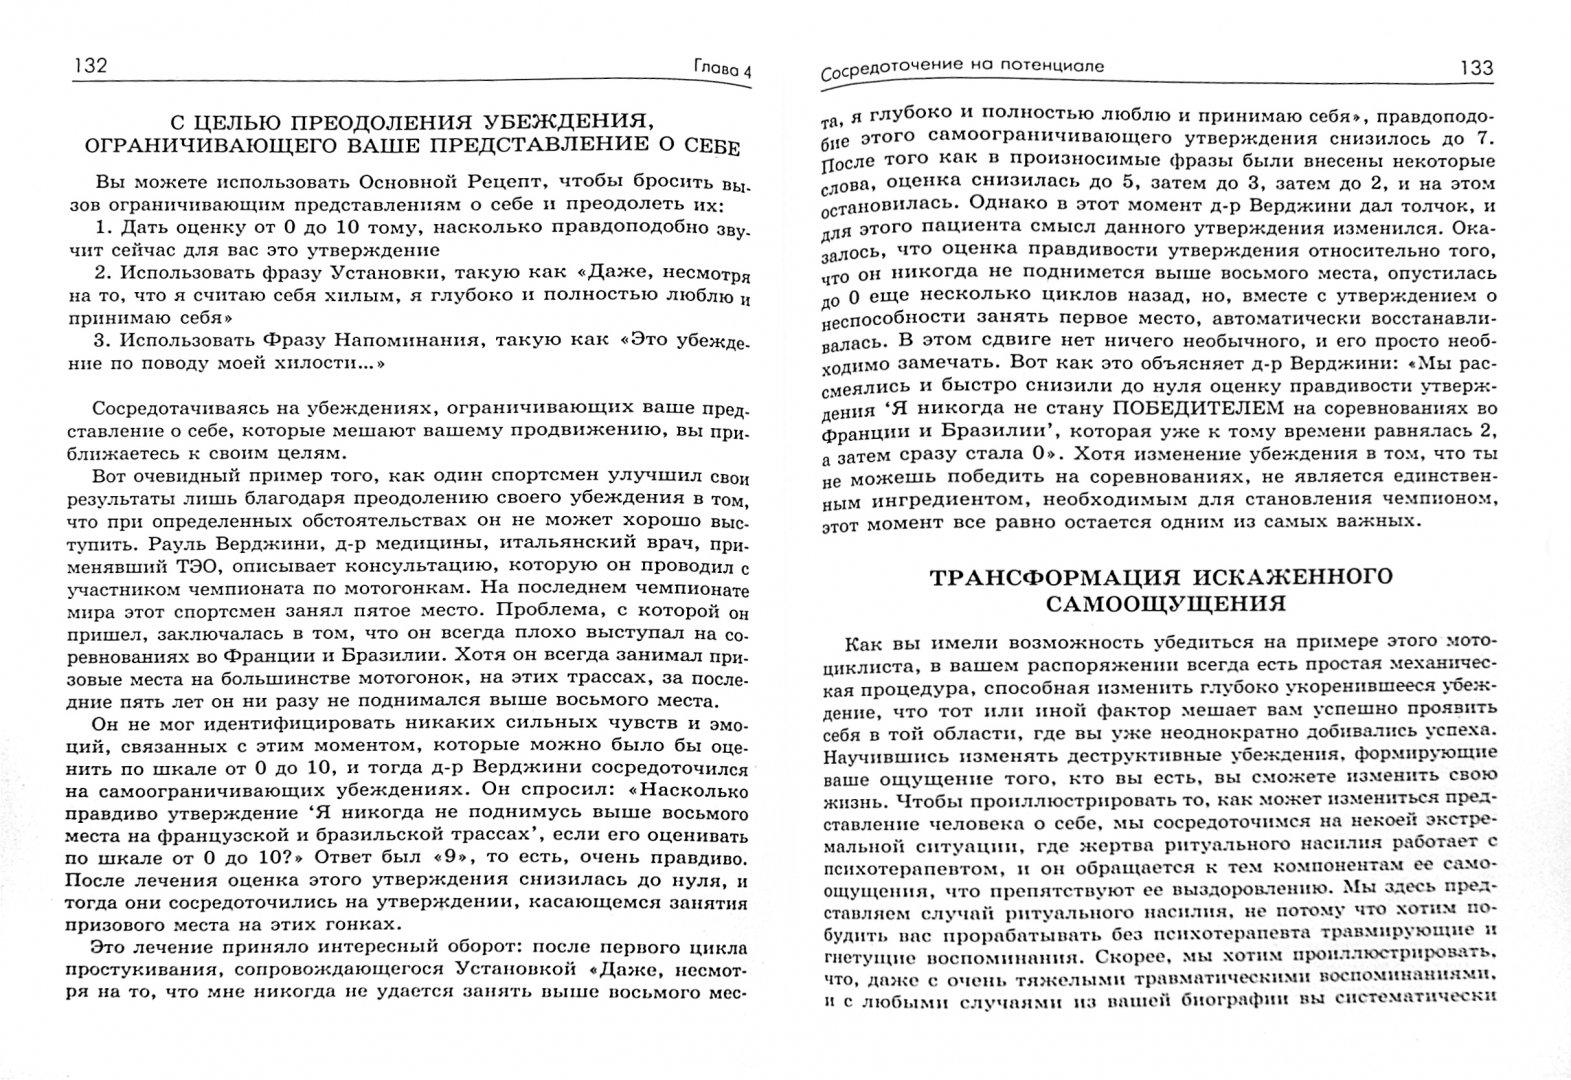 Иллюстрация 1 из 19 для Энергетическая психология. Уникальные методики трансформации личности - Иден, Файнштейн, Крэйг | Лабиринт - книги. Источник: Лабиринт